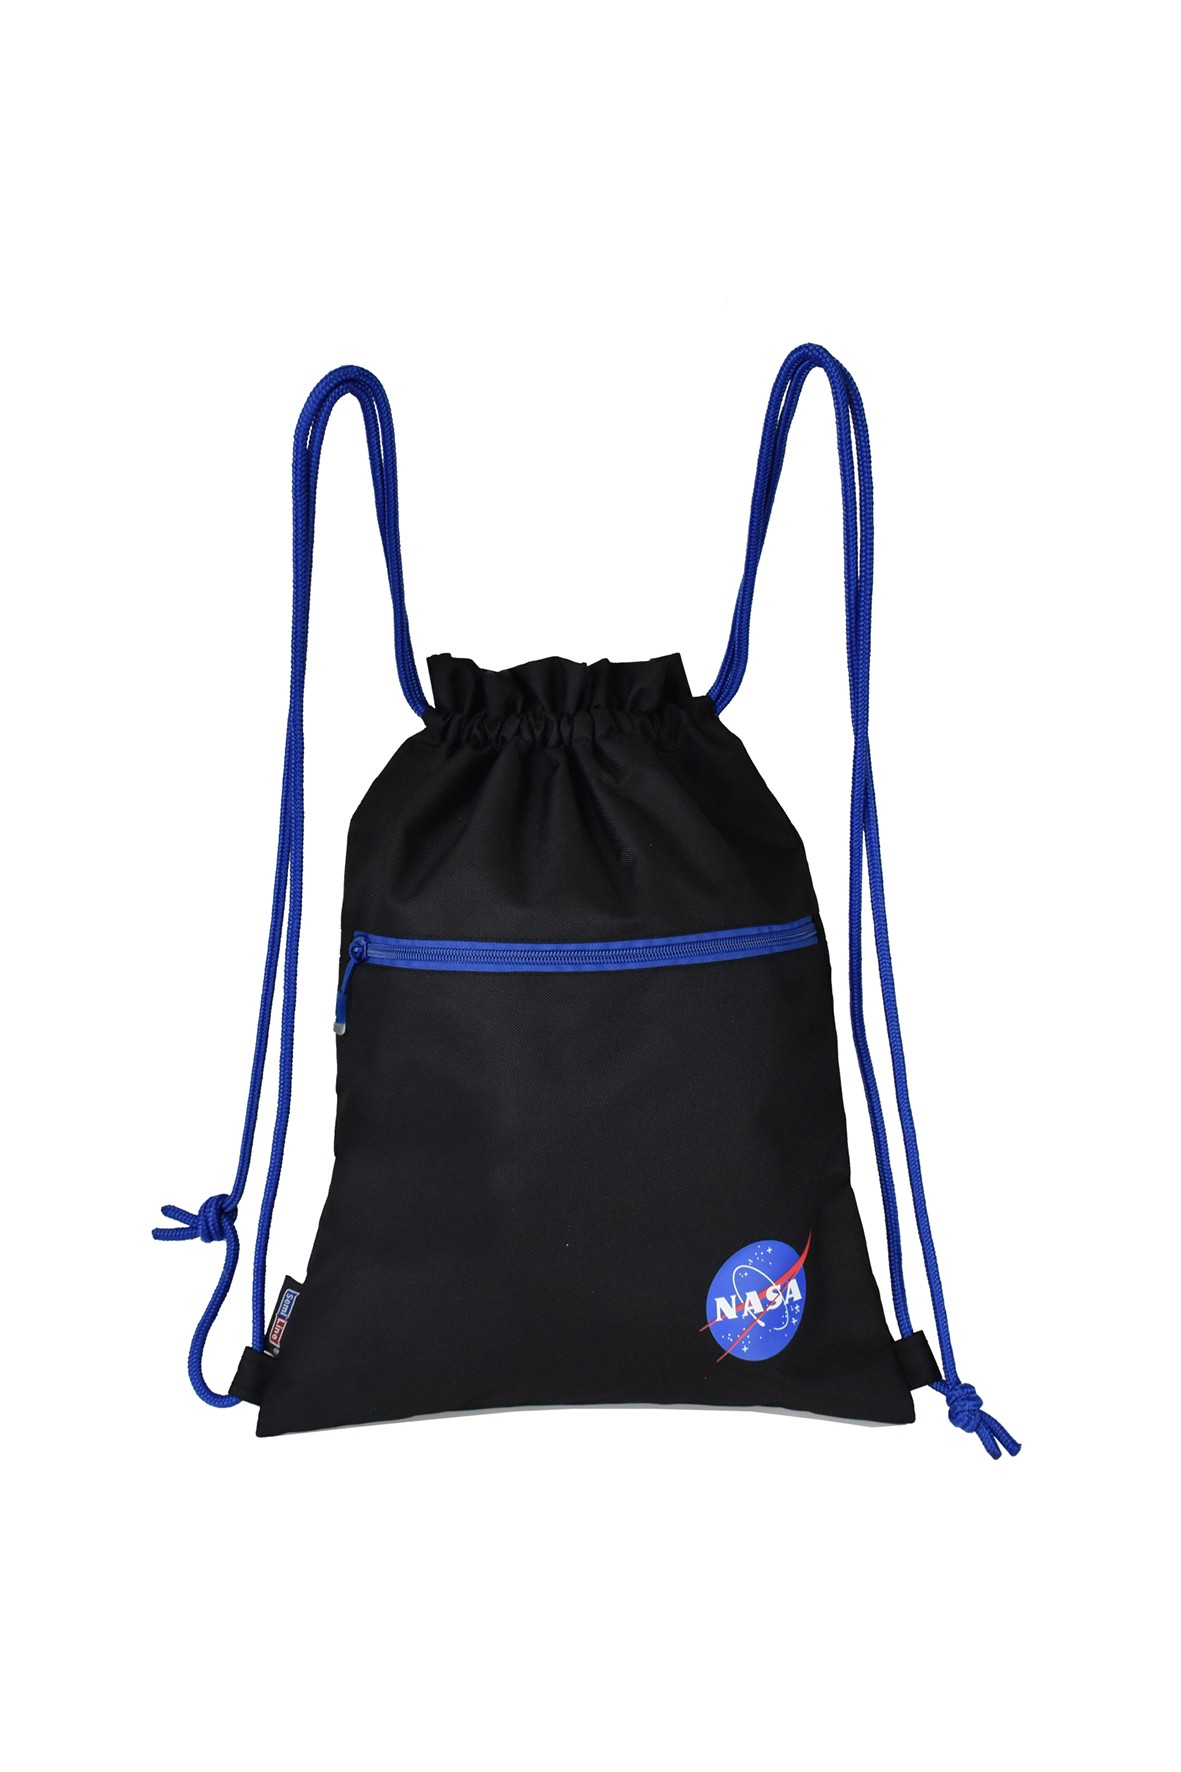 Czarno-niebieski worek NASA 44x33cm